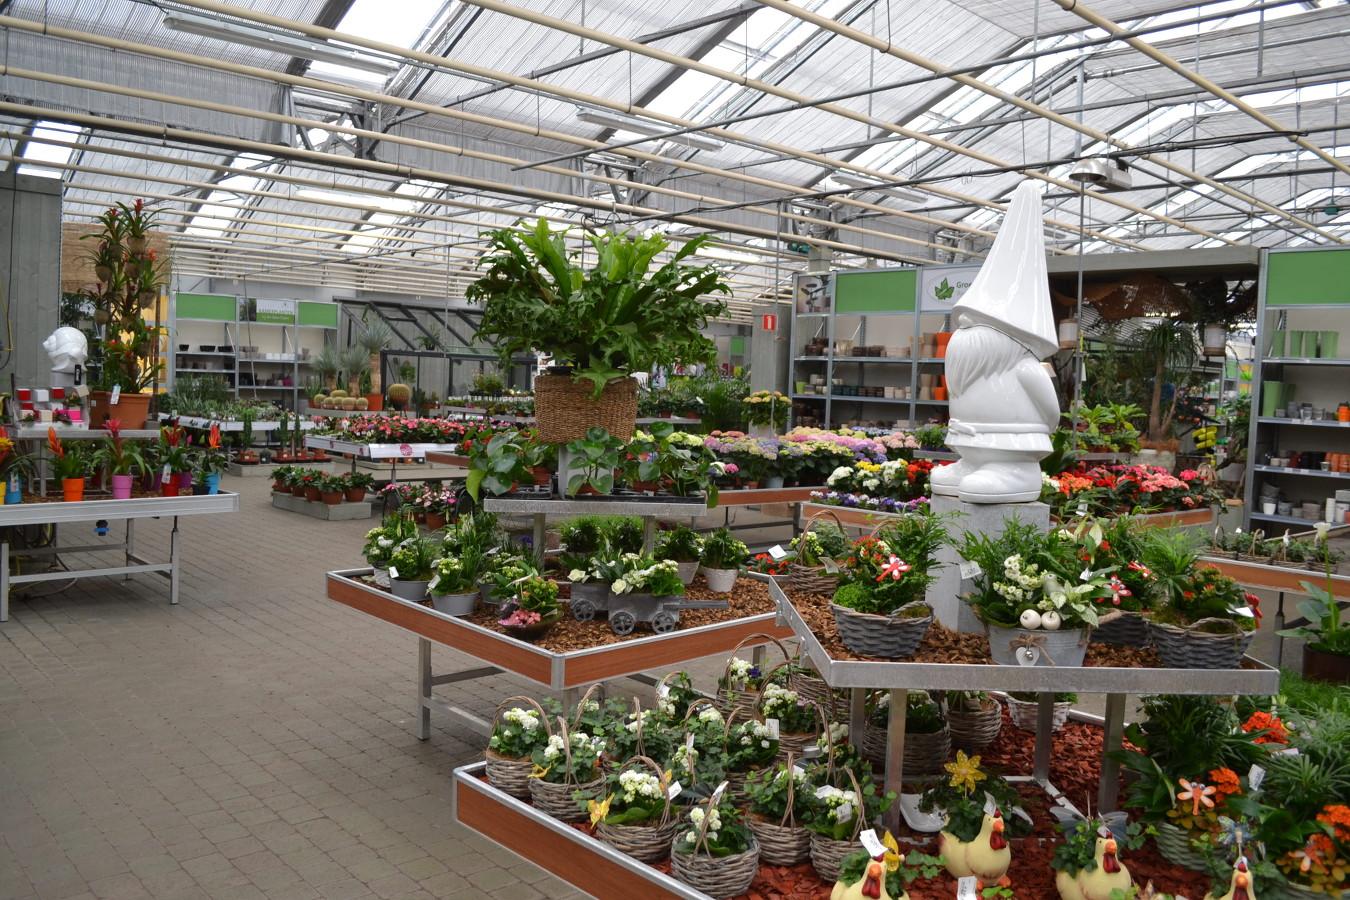 Tuincentrum groendekor ukkel - Terras tuin decoratie ...